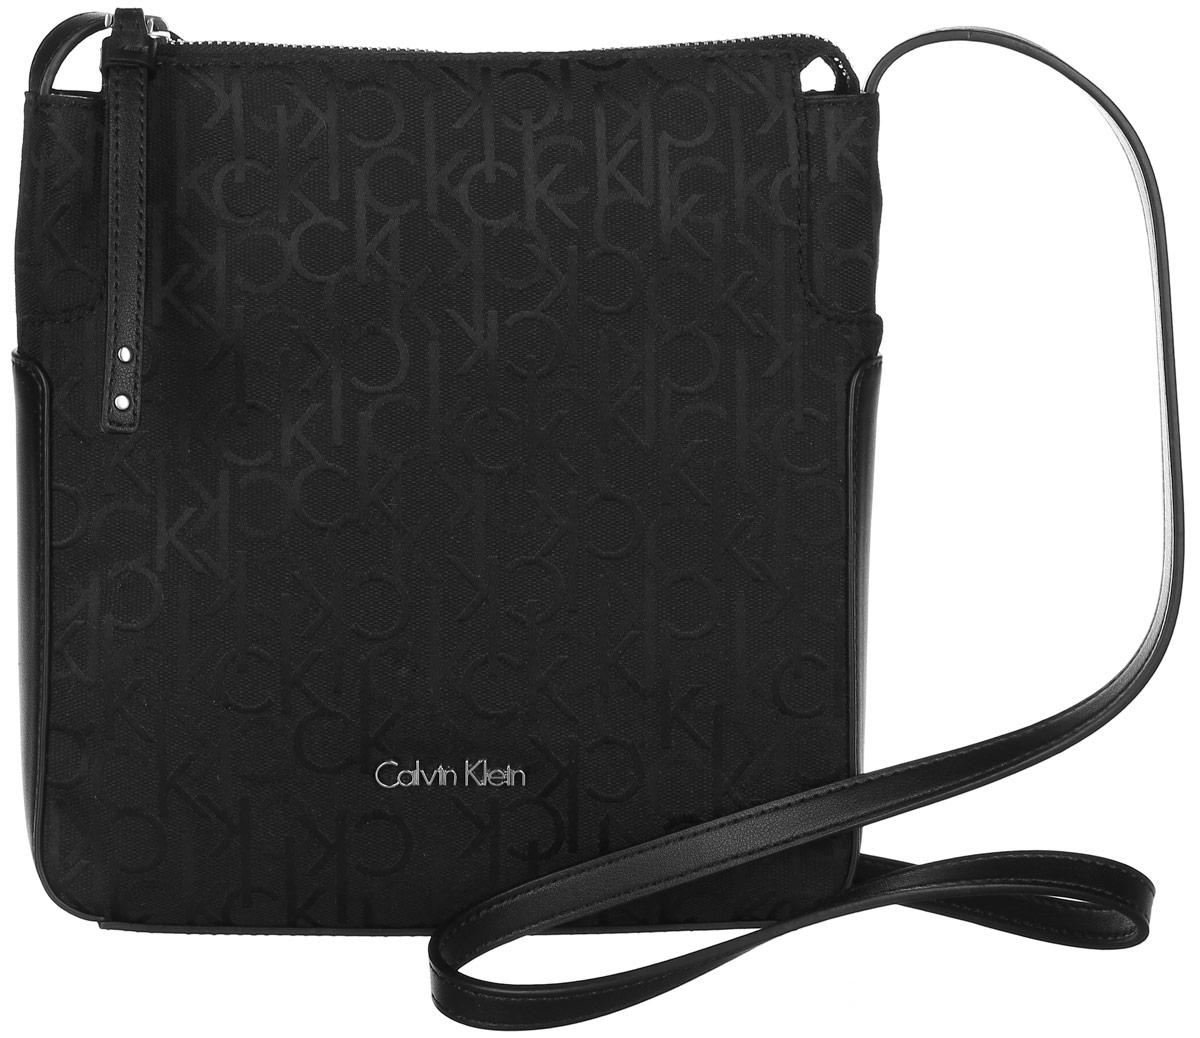 Сумка женская Calvin Klein Jeans, цвет: черный. K60K602236_0010ML597BUL/DСтильная сумка Calvin Klein не оставит вас равнодушной благодаря своему дизайну и практичности. Она изготовлена из качественного хлопка с элементами из искусственной кожии оформлена фирменным принтом. Лицевая часть оформлена металлической пластинкой с названием бренда. Сумка оснащена удобным плечевым ремнем, длина которого регулируетсяс помощью пряжки. Изделие закрывается на удобную молнию. Внутри расположено главное отделение, которое содержит открытый накладной карман для мелочей.Такая удобная и модная сумка станет незаменимой вещью в вашем гардеробе.